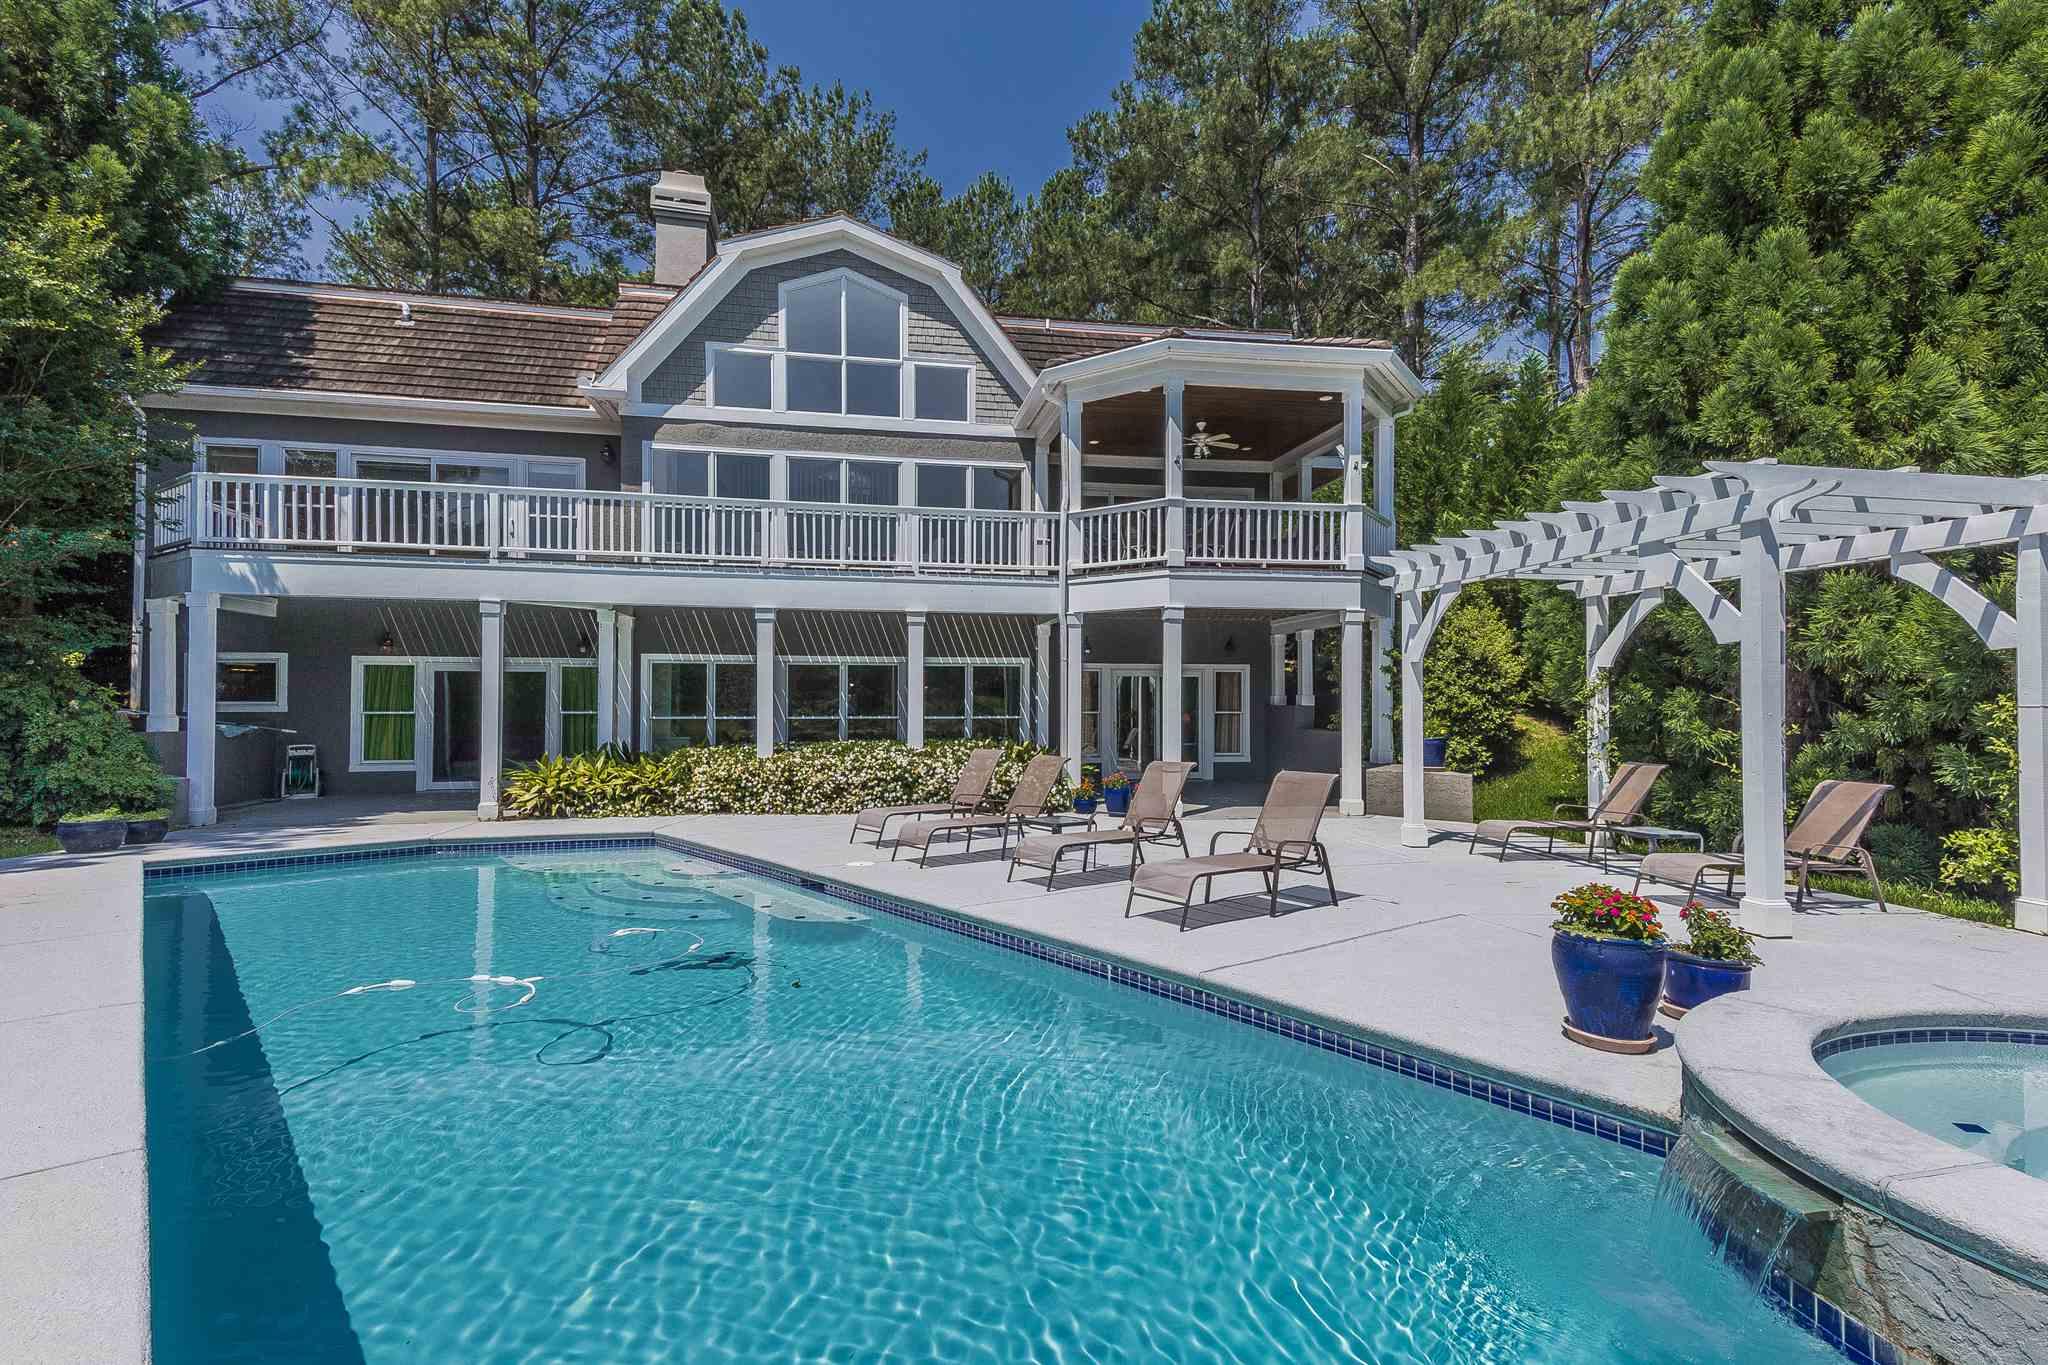 125 ISLAND VIEW LANE, Lake Oconee, Georgia